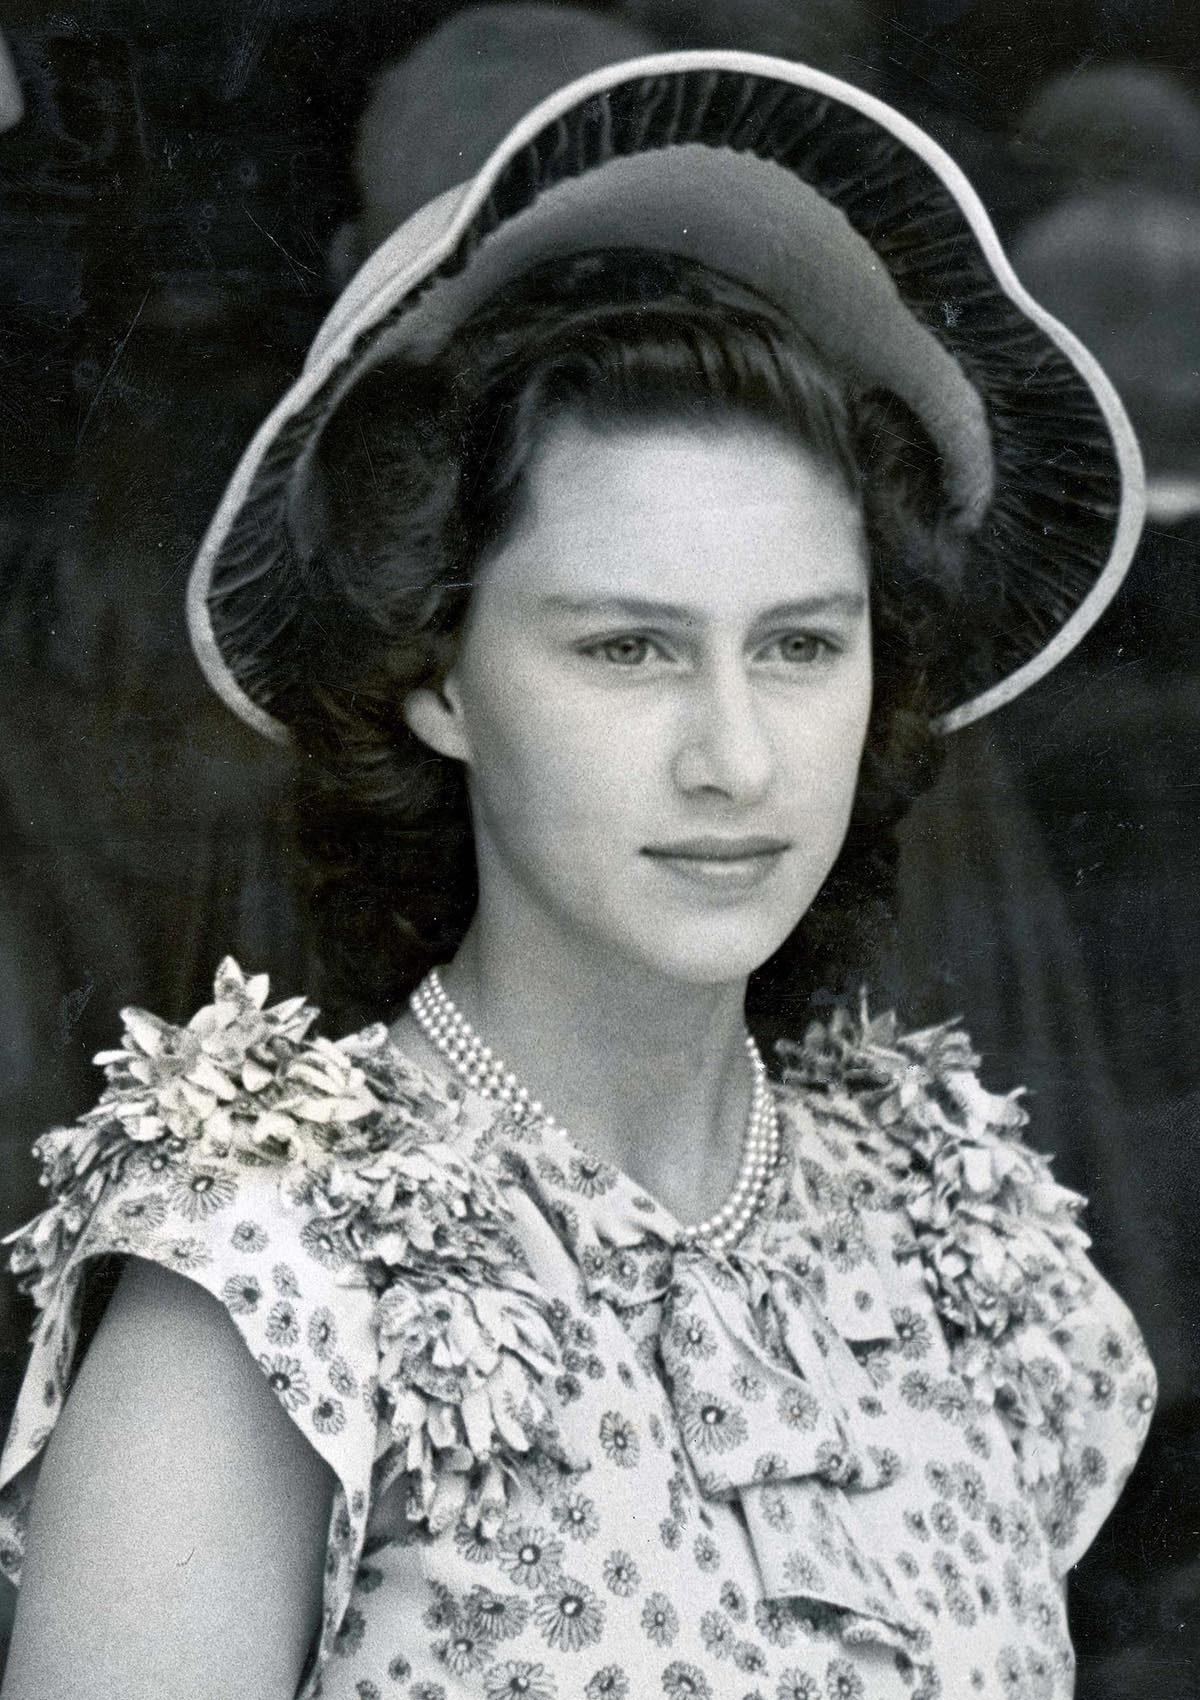 Famille royale : la princesse Margaret a eu une vie tumultueuse.